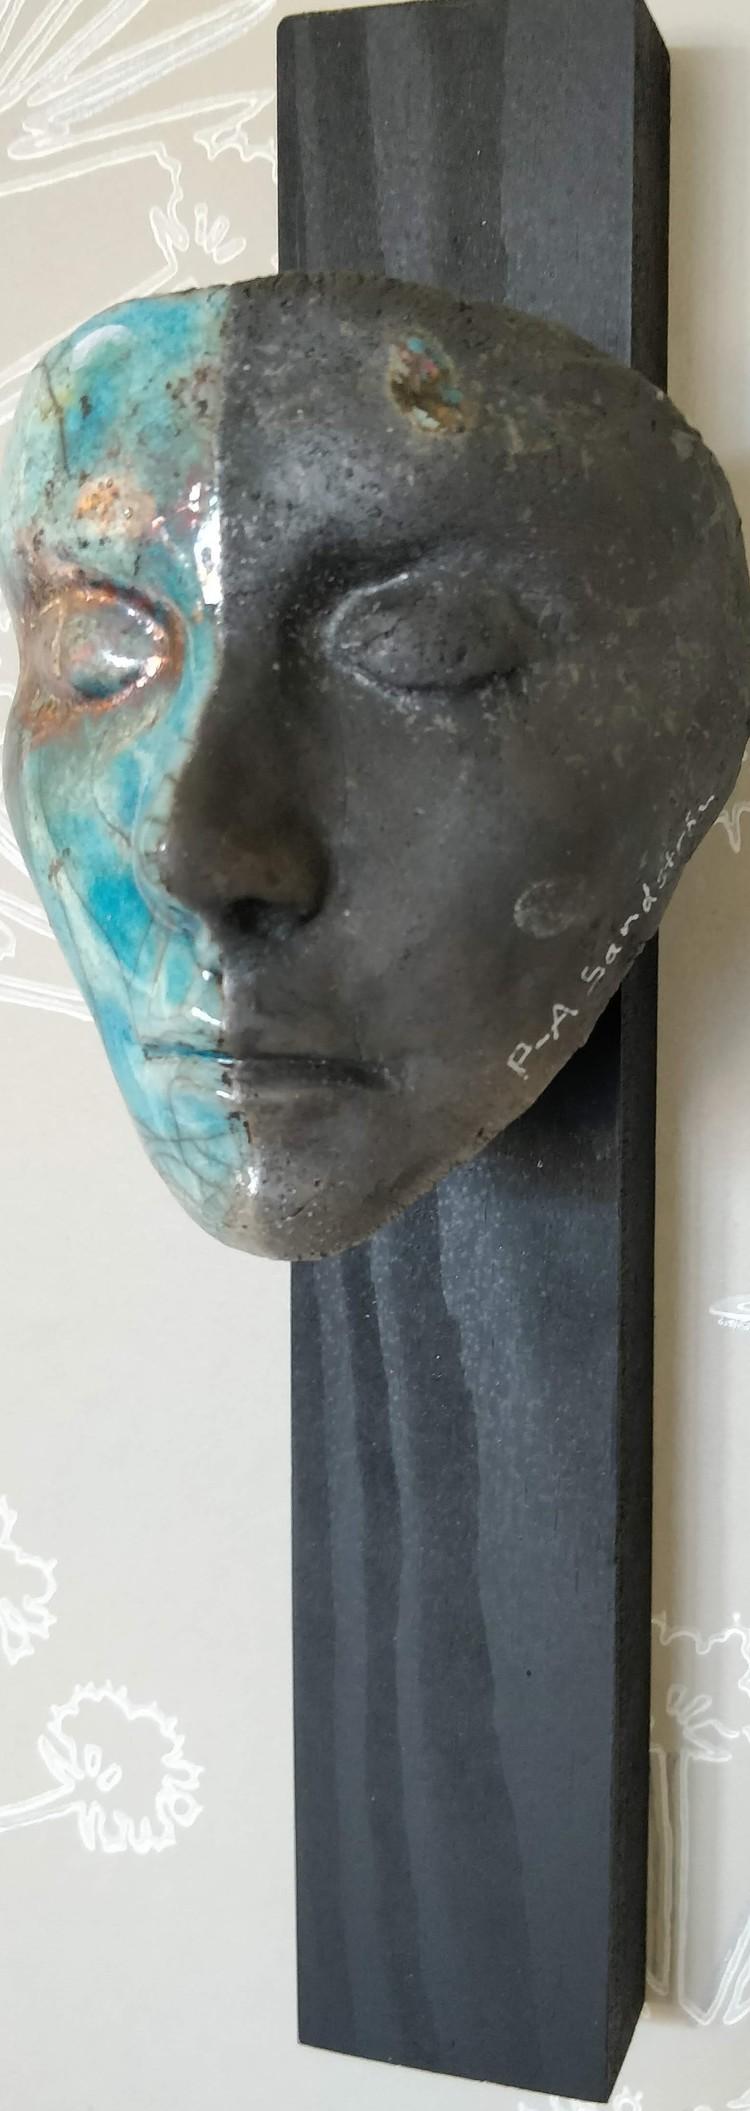 'Face', 2020, ett konstverk av P-A Sandström